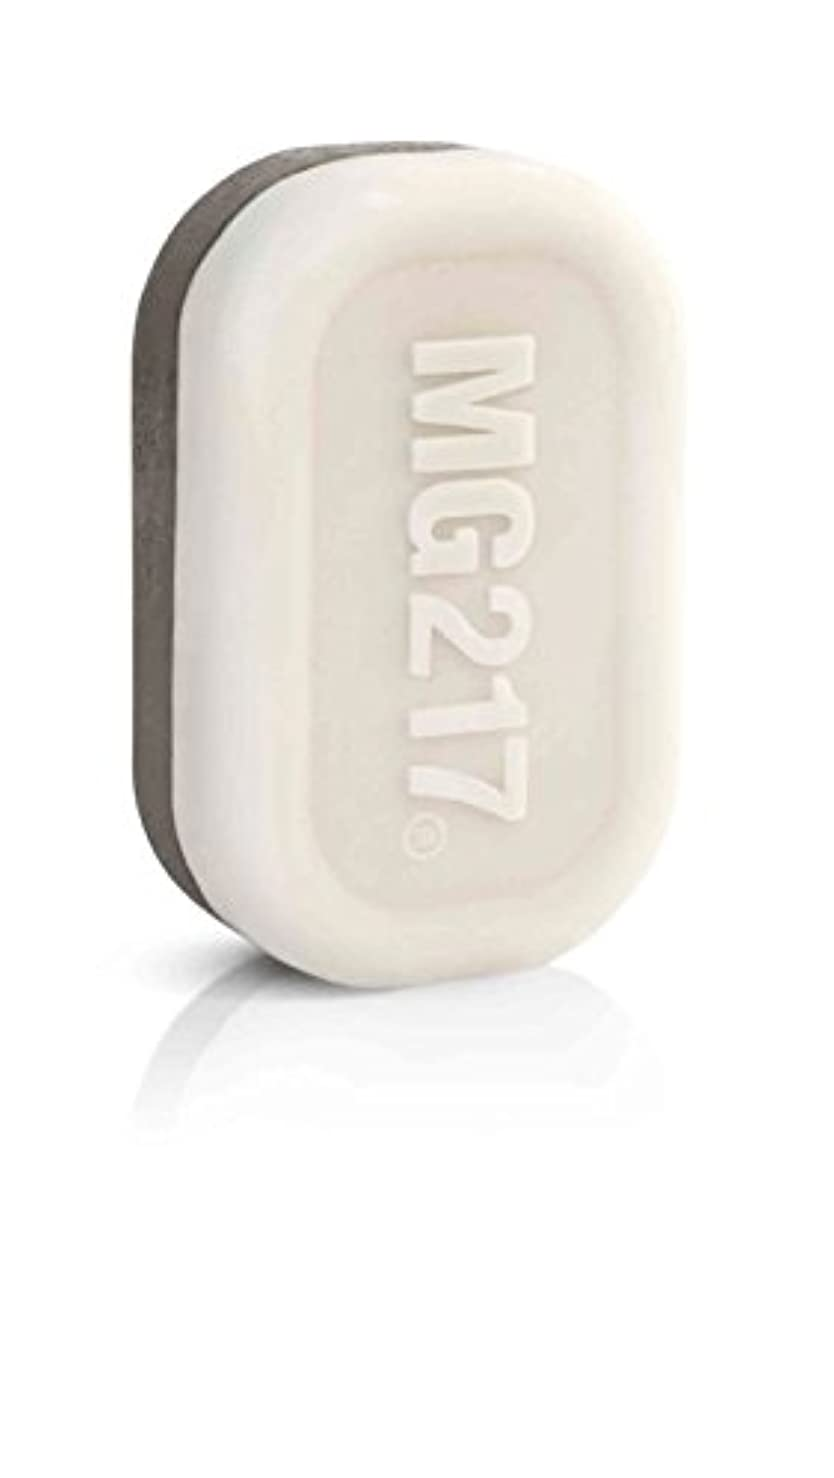 三米ドル順番死海の泥とミネラルたっぷり MG217ソープ 90g MG217 Psoriasis Therapeutic Conditioning Dead Sea Bar Soap